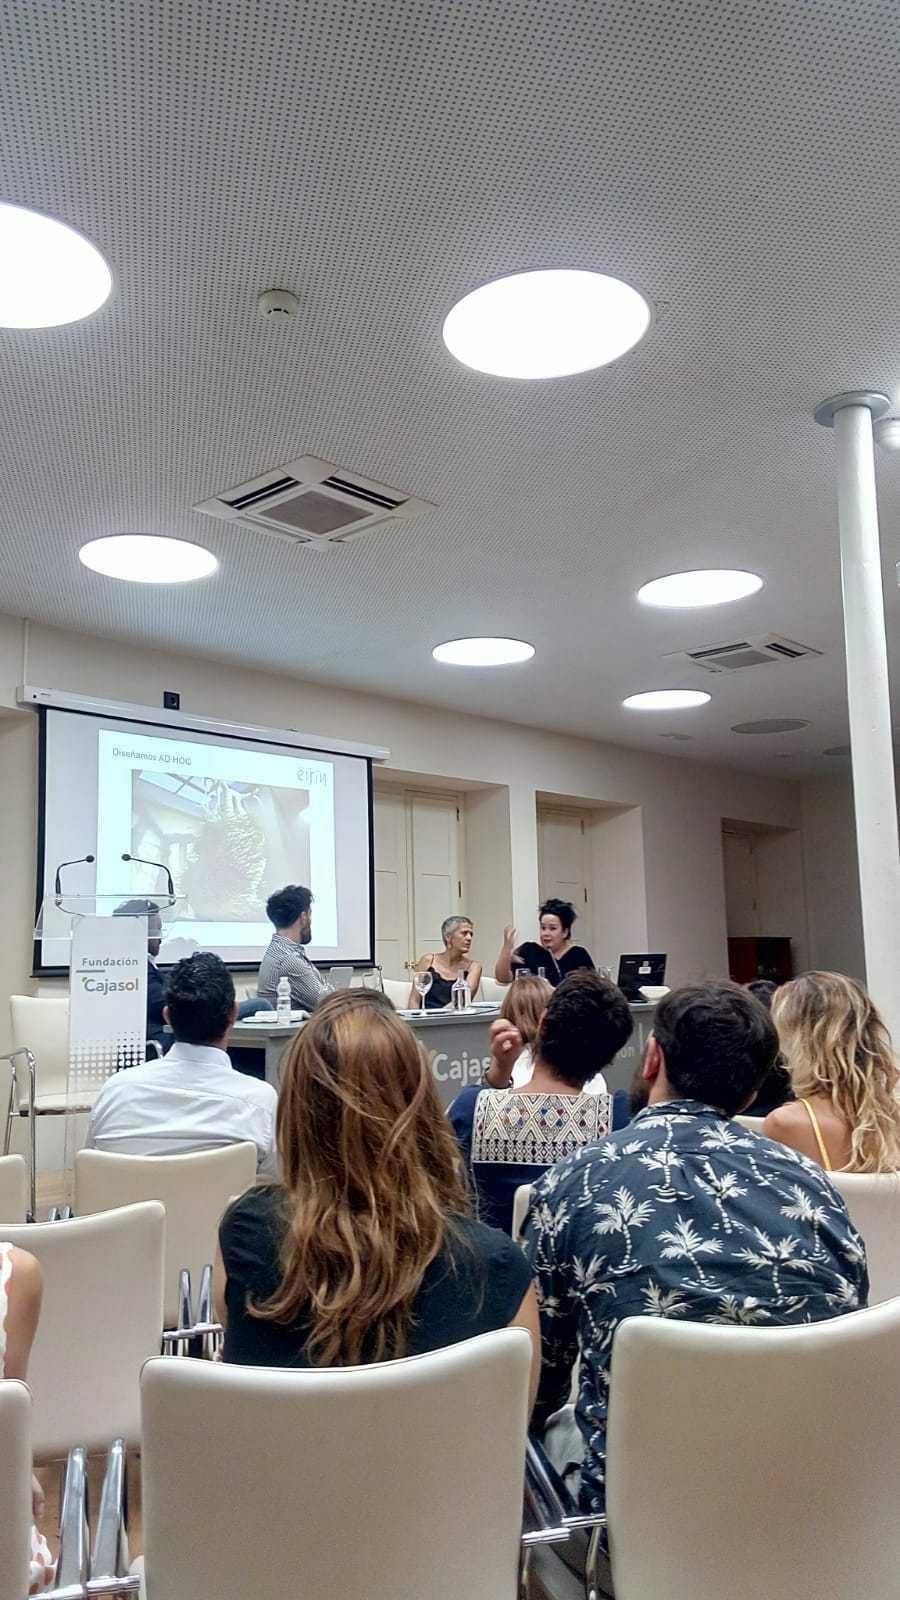 (Español) Mercedes Eirín en las Jornadas Industria creativa y territorio 2020